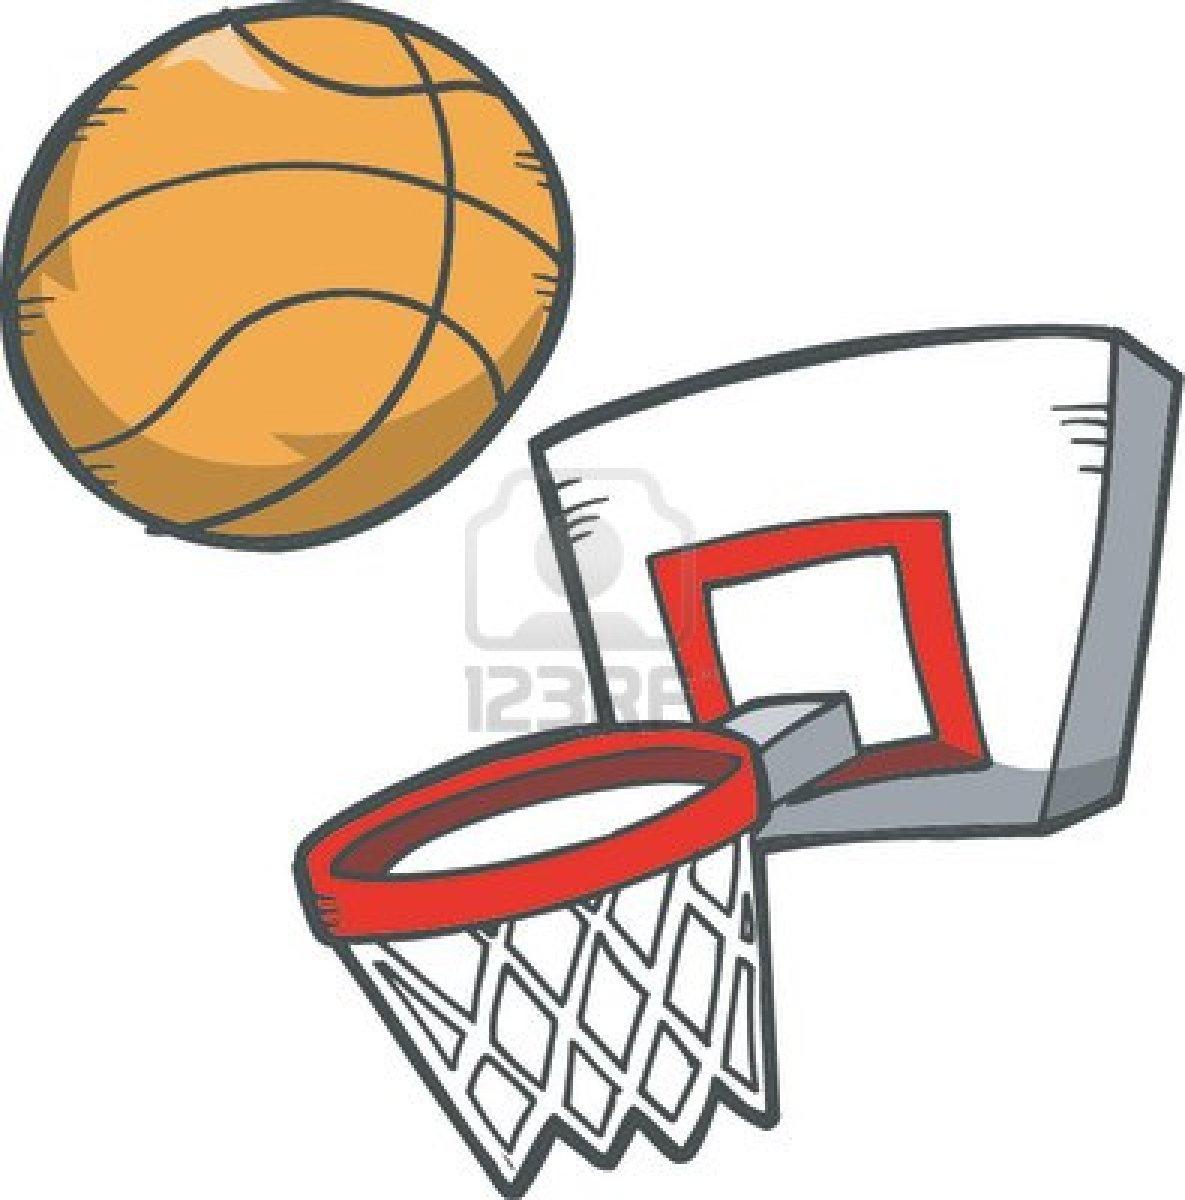 1185x1200 Basketball Hoop Clipart